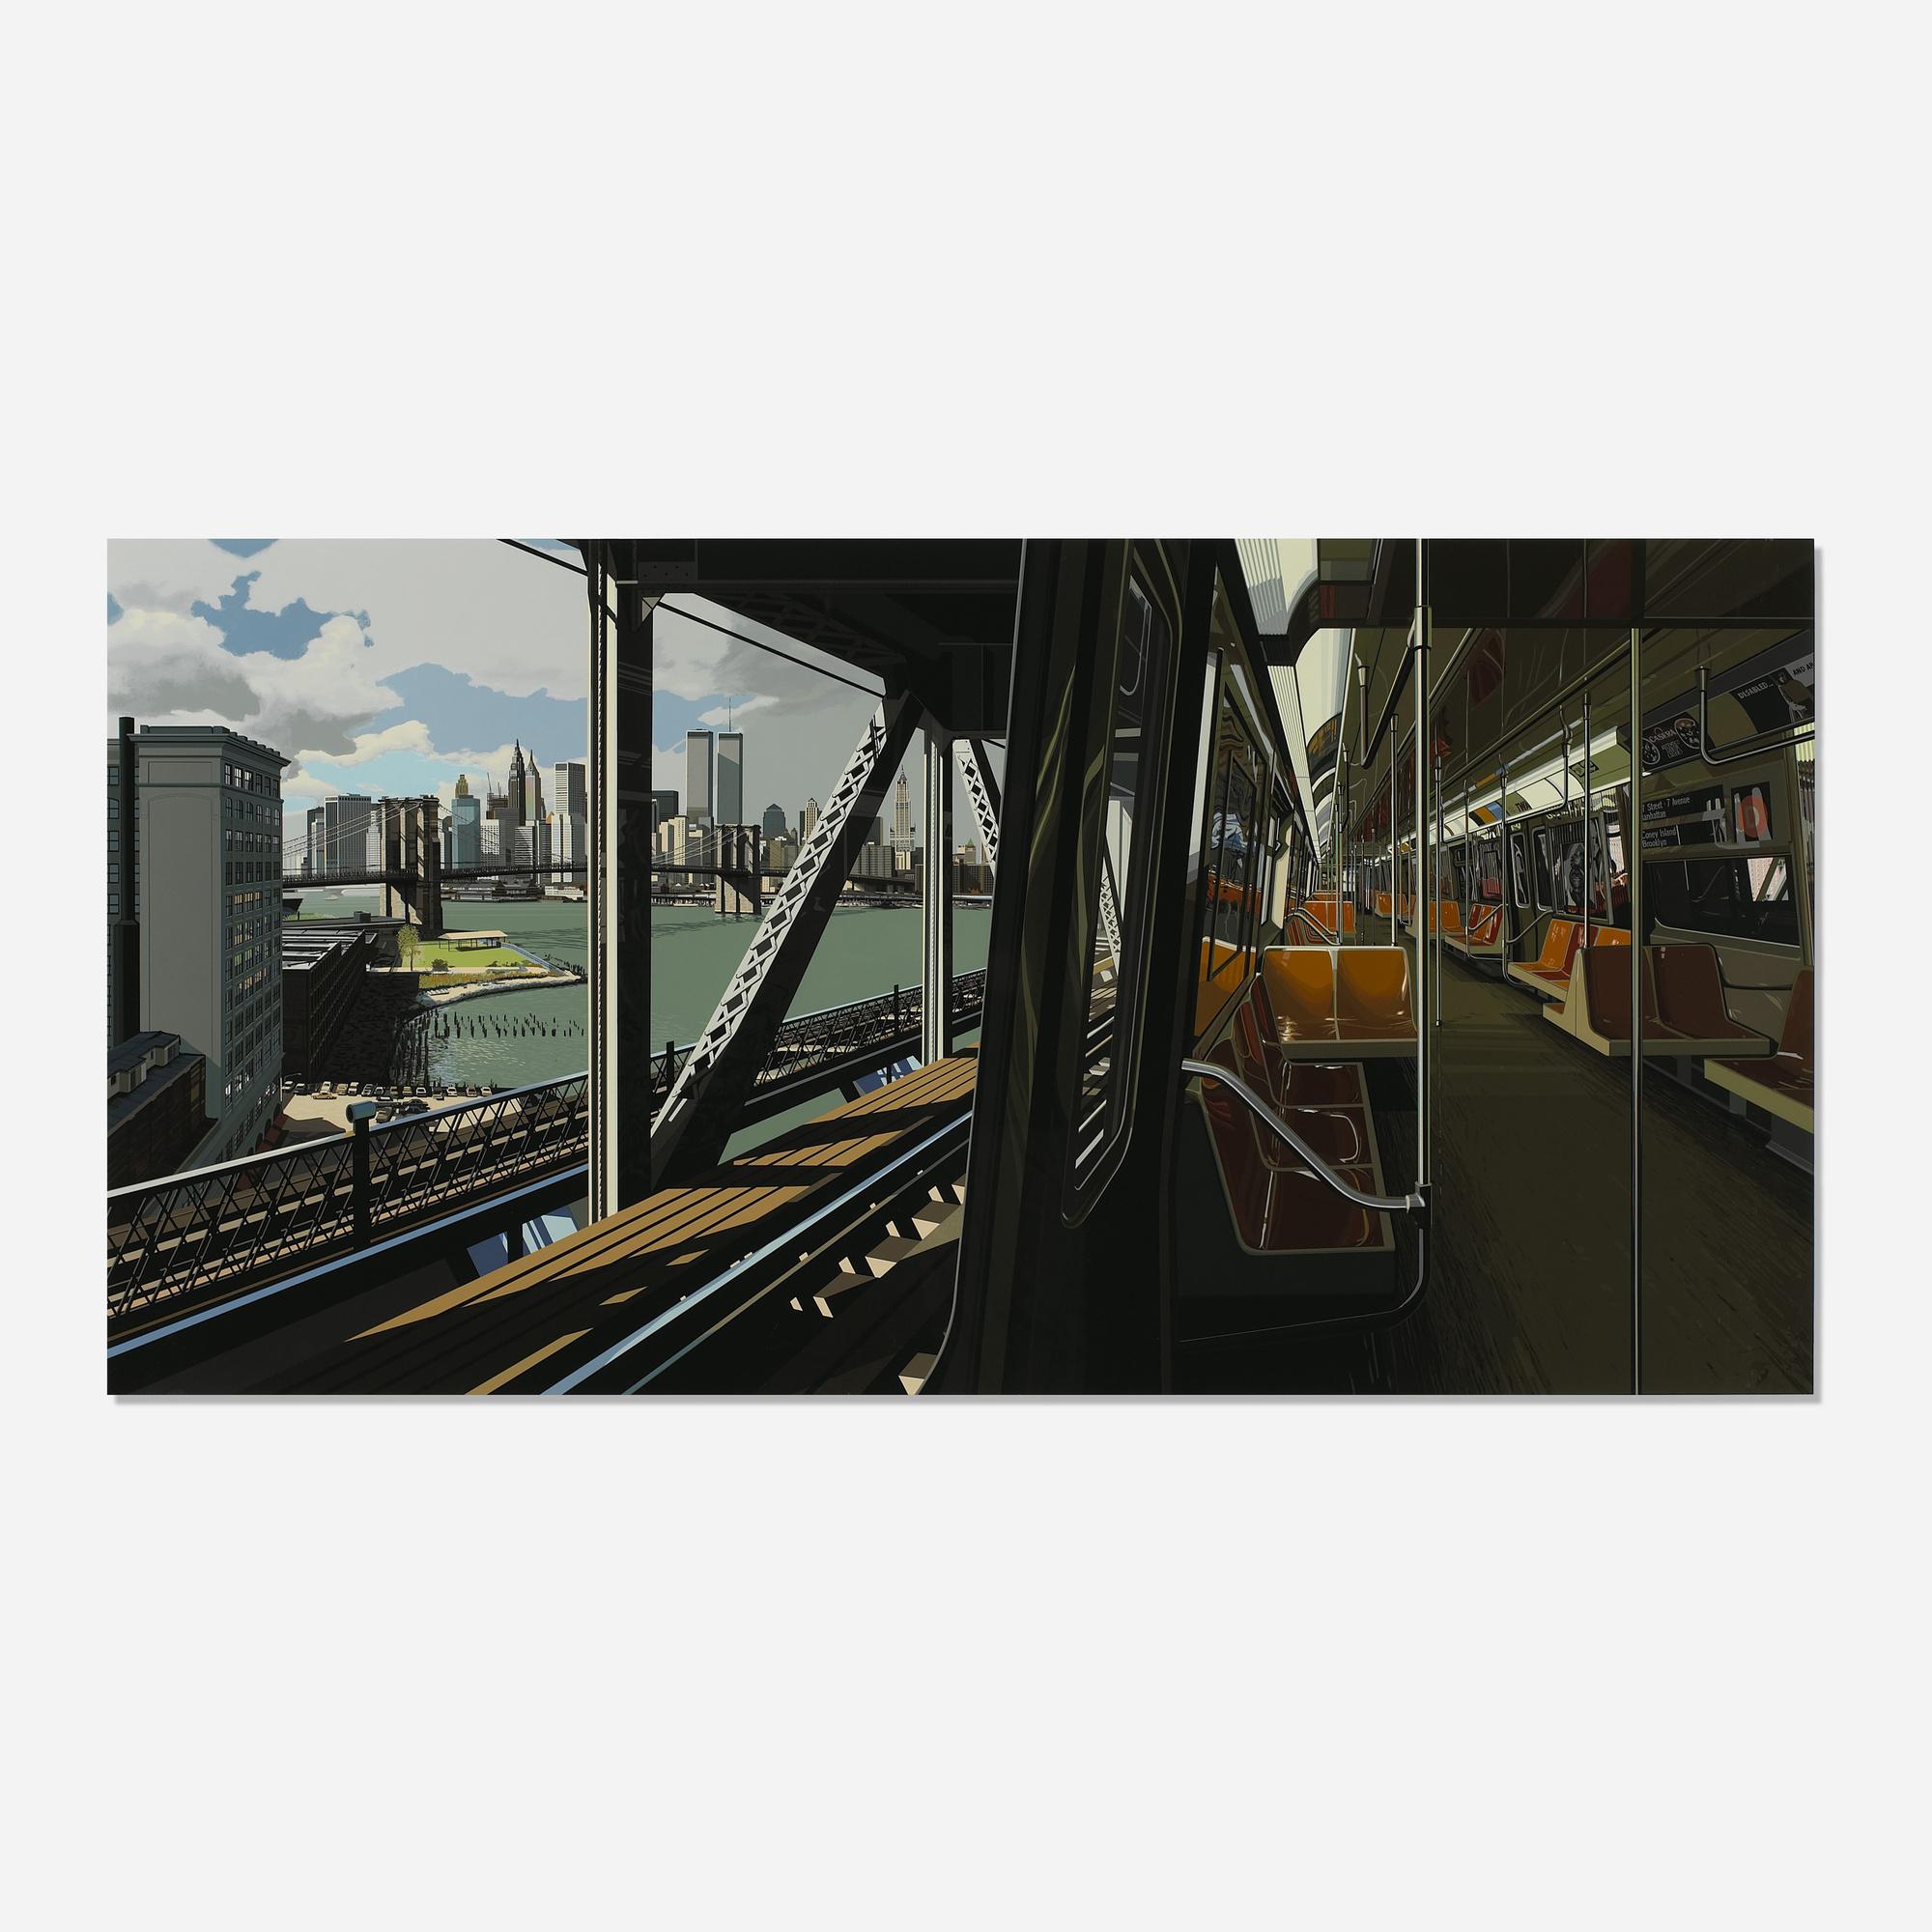 185: Richard Estes / D Train (1 of 1)